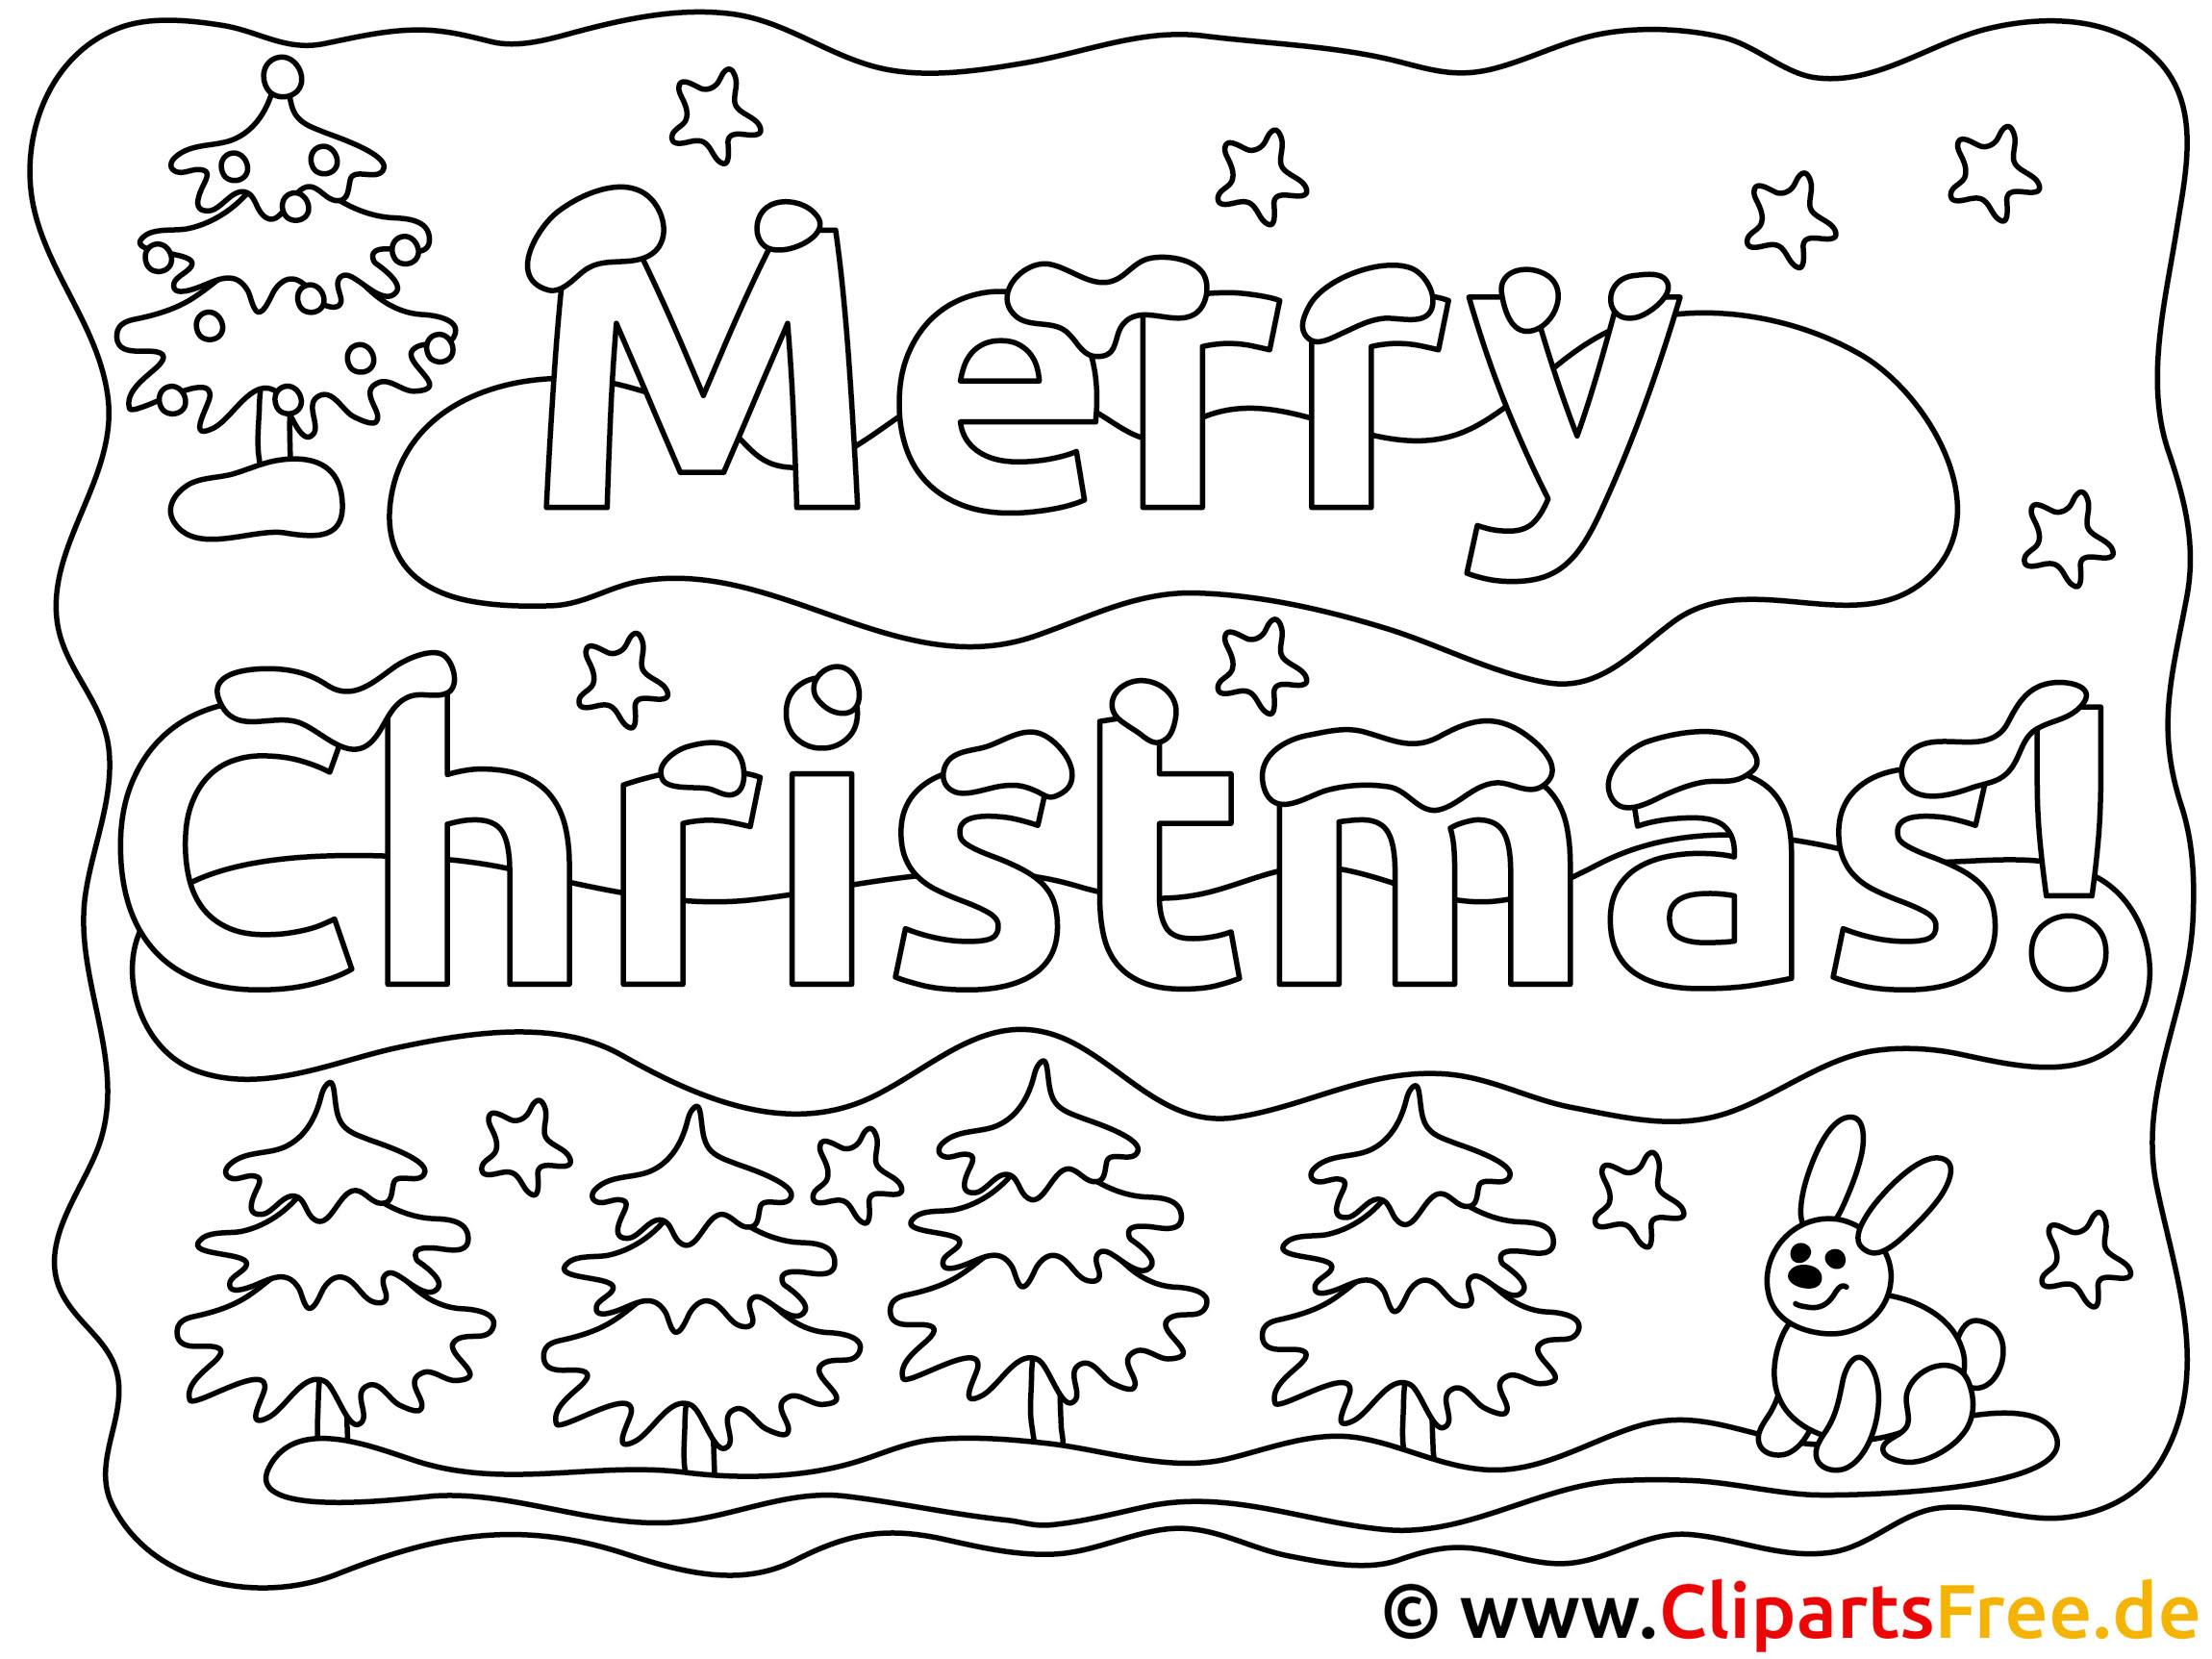 Ausmalbilder Weihnachten Gratis.Weihnachten Ausmalbild